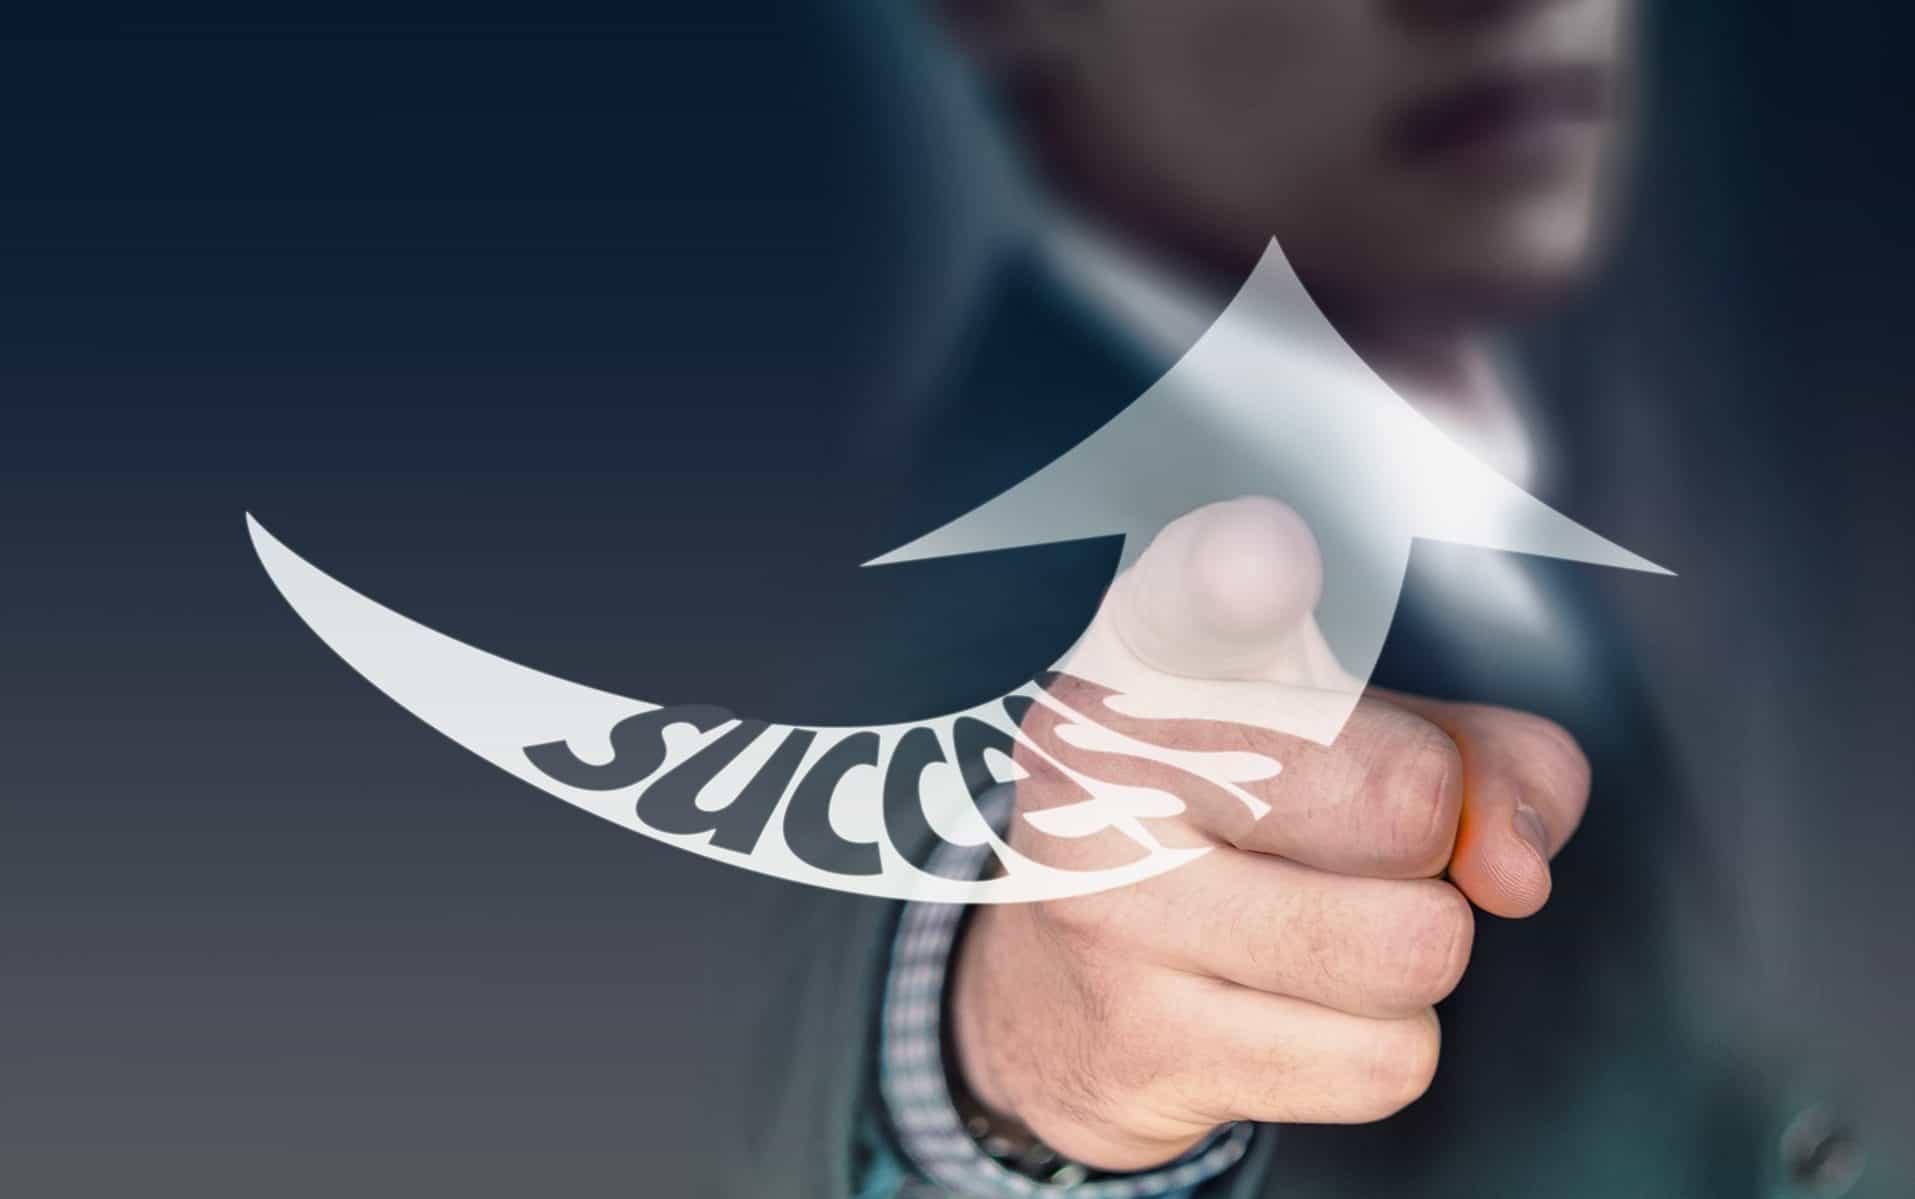 Männerhand zeigt mit dem Zeigefinger auf den Betrachter, ein gezeichneter Pfeil mit Success beschriftet zeigt nach oben